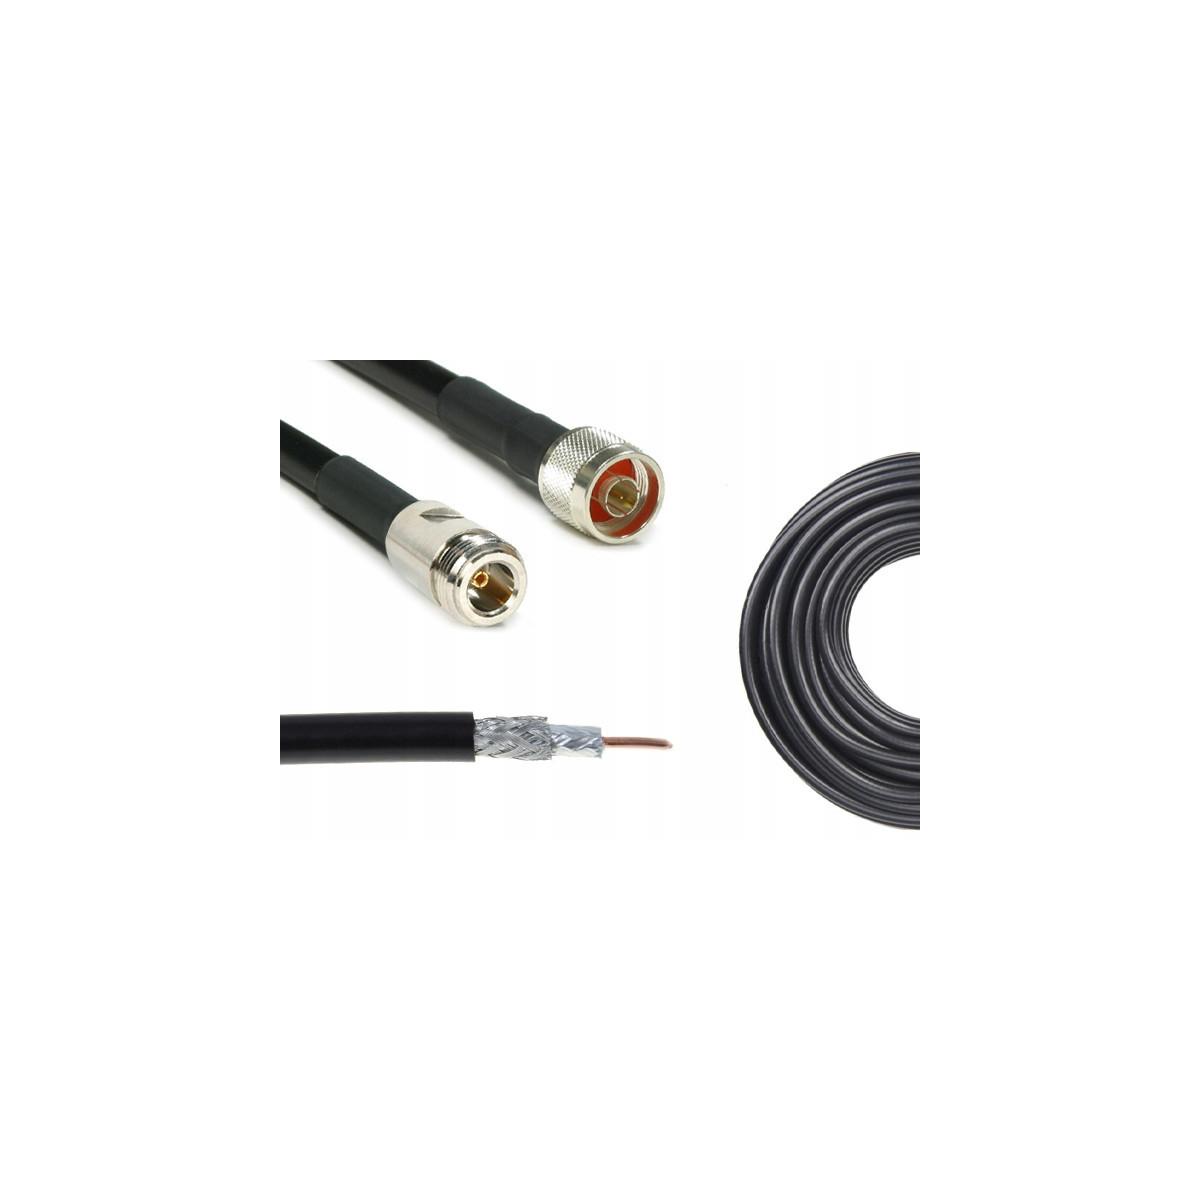 Konektor 15m SRF240 Nm-Nż